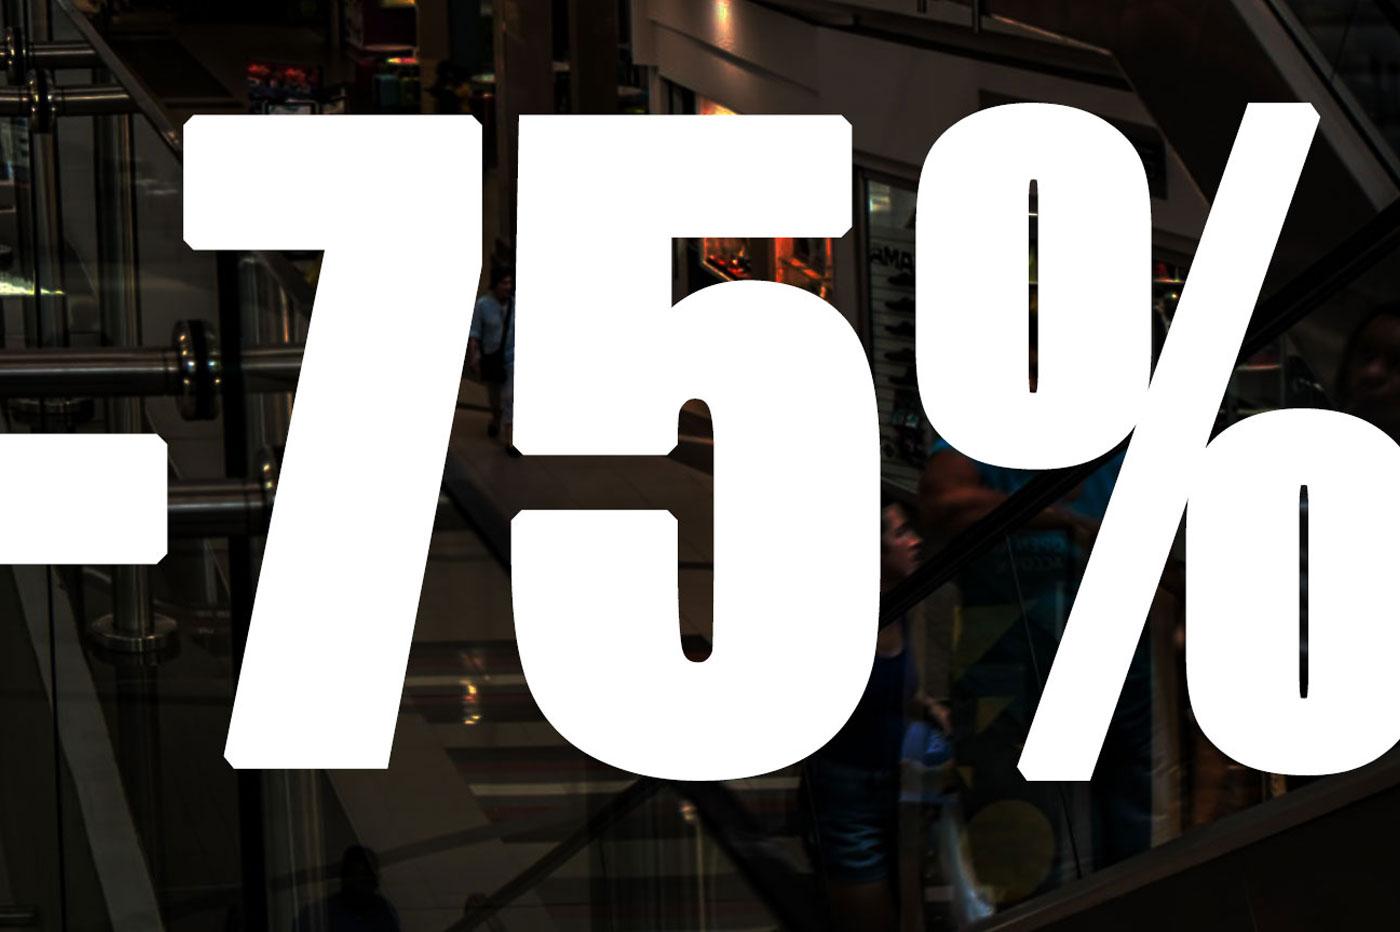 Soldes Amazon: 7 deals choc jusqu'à -75% qui expirent à minuit 🔥